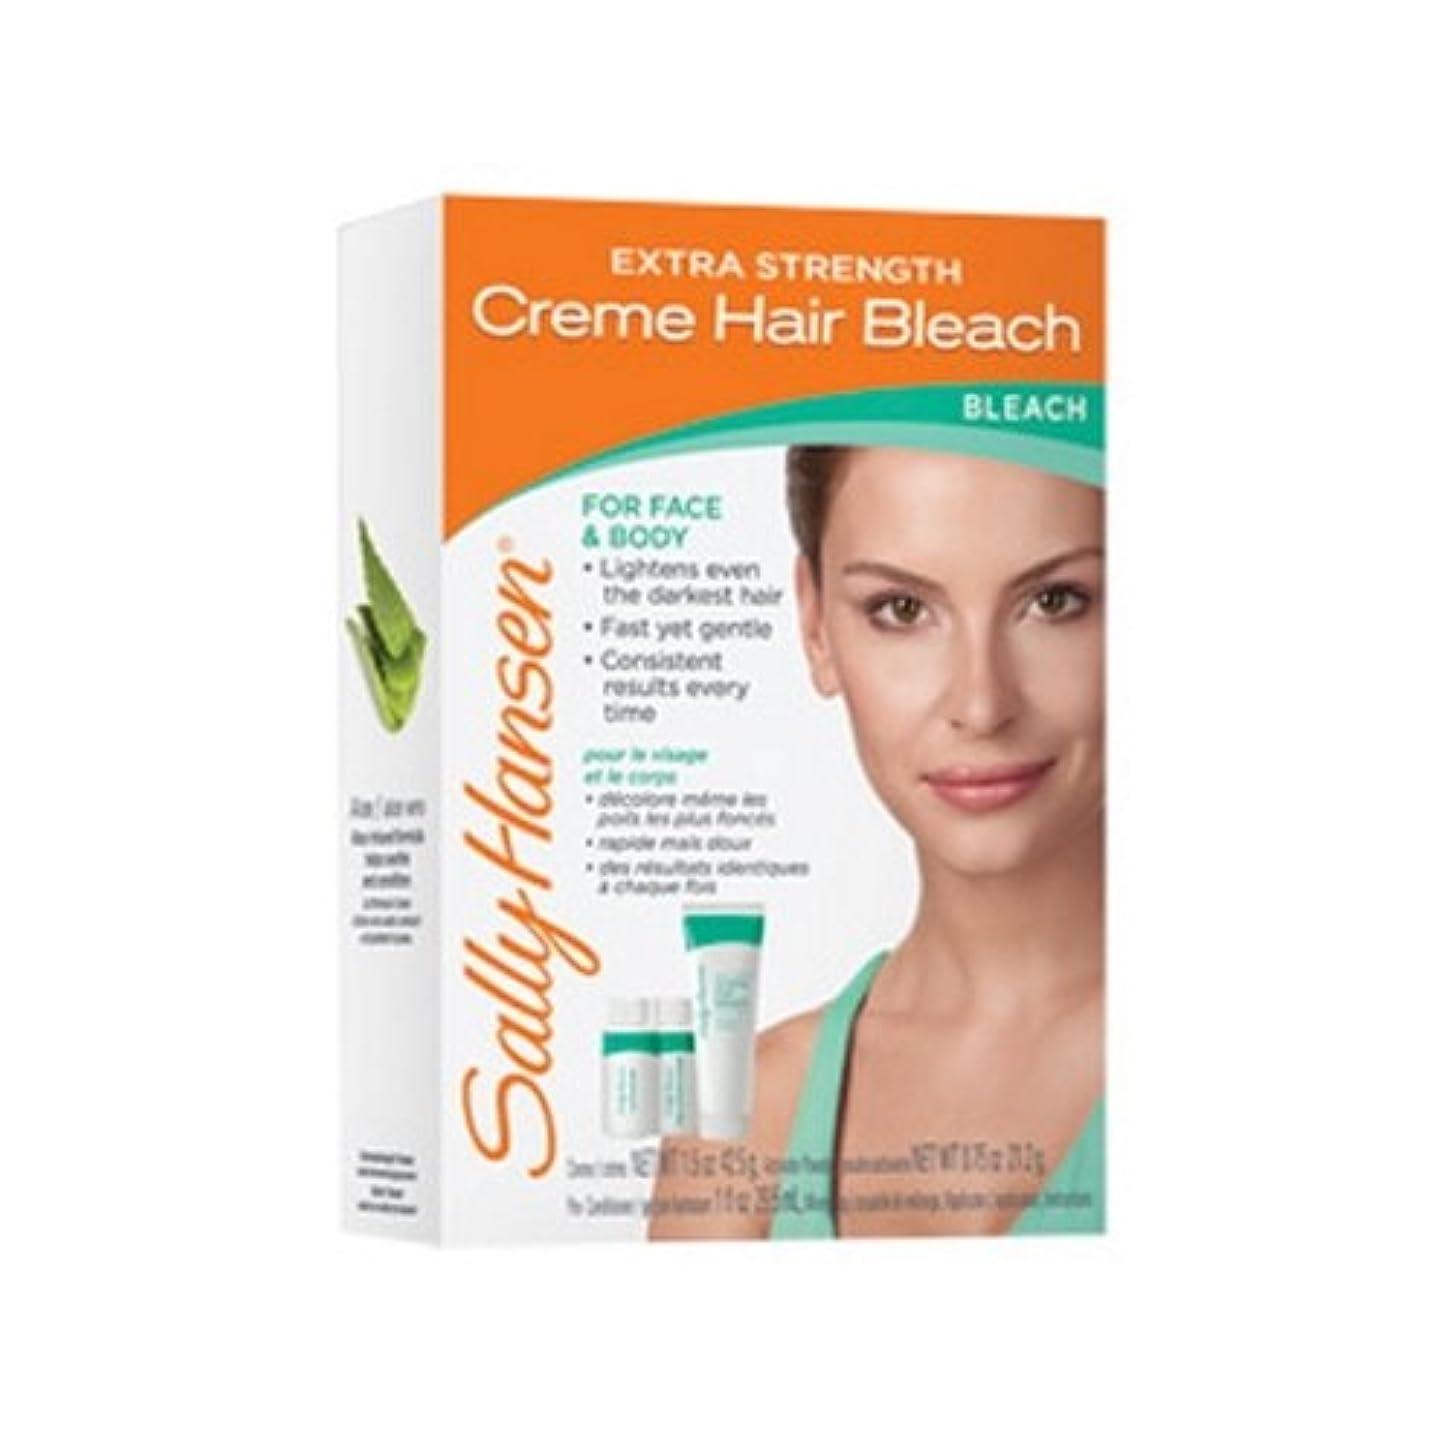 可愛いすずめペレグリネーションSALLY HANSEN Extra Strength Creme Hair Bleach for Face & Body - SH2010 (並行輸入品)